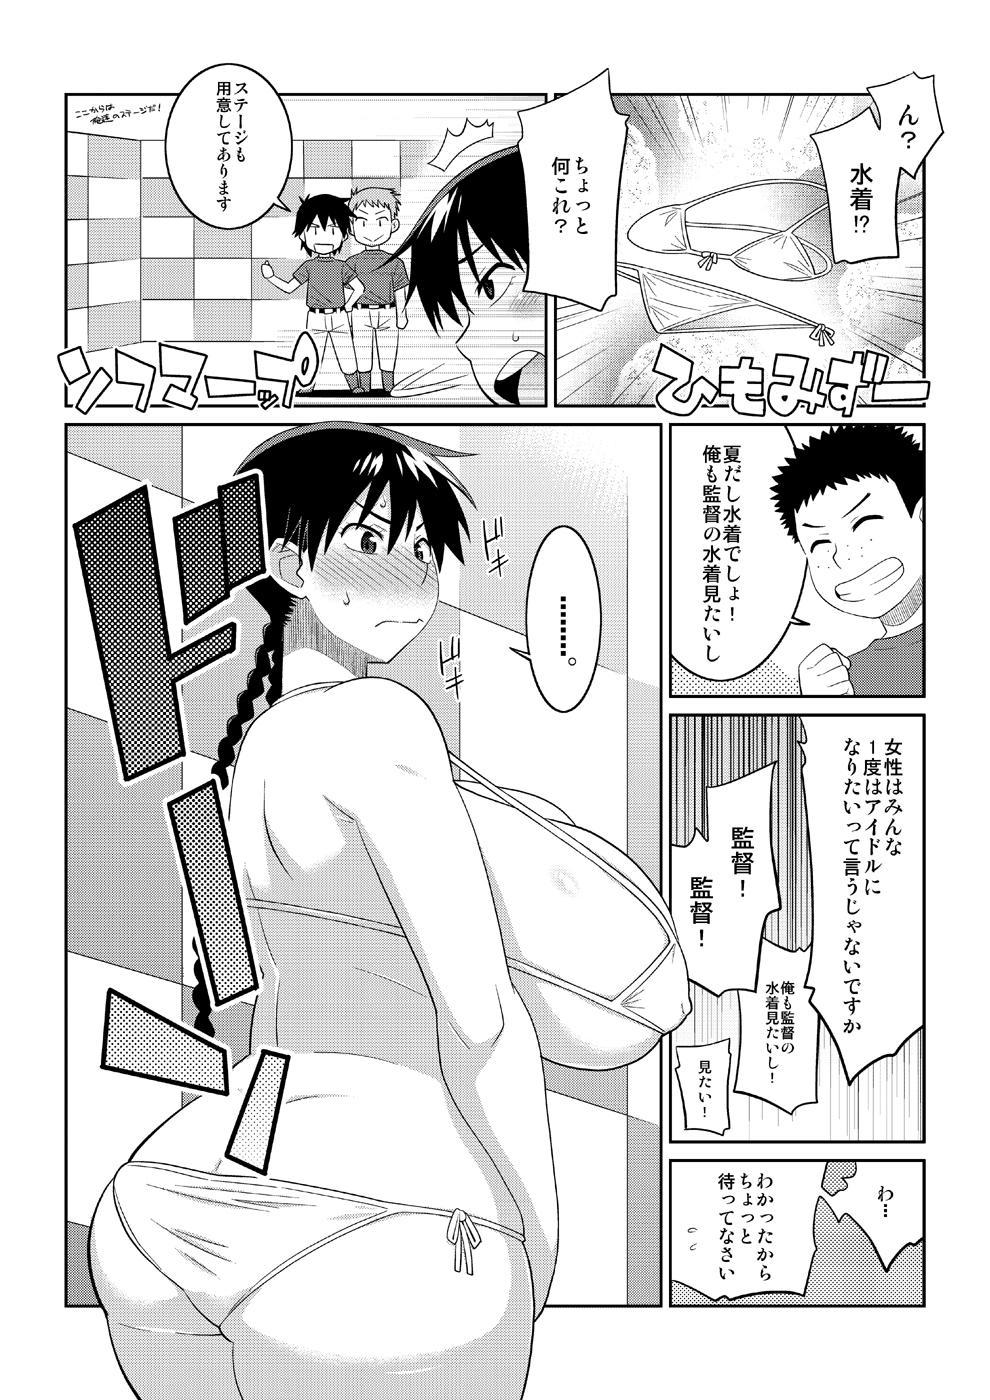 Momokan to Nama Akushu-kai Dekiru Yakyuubushitsu 6